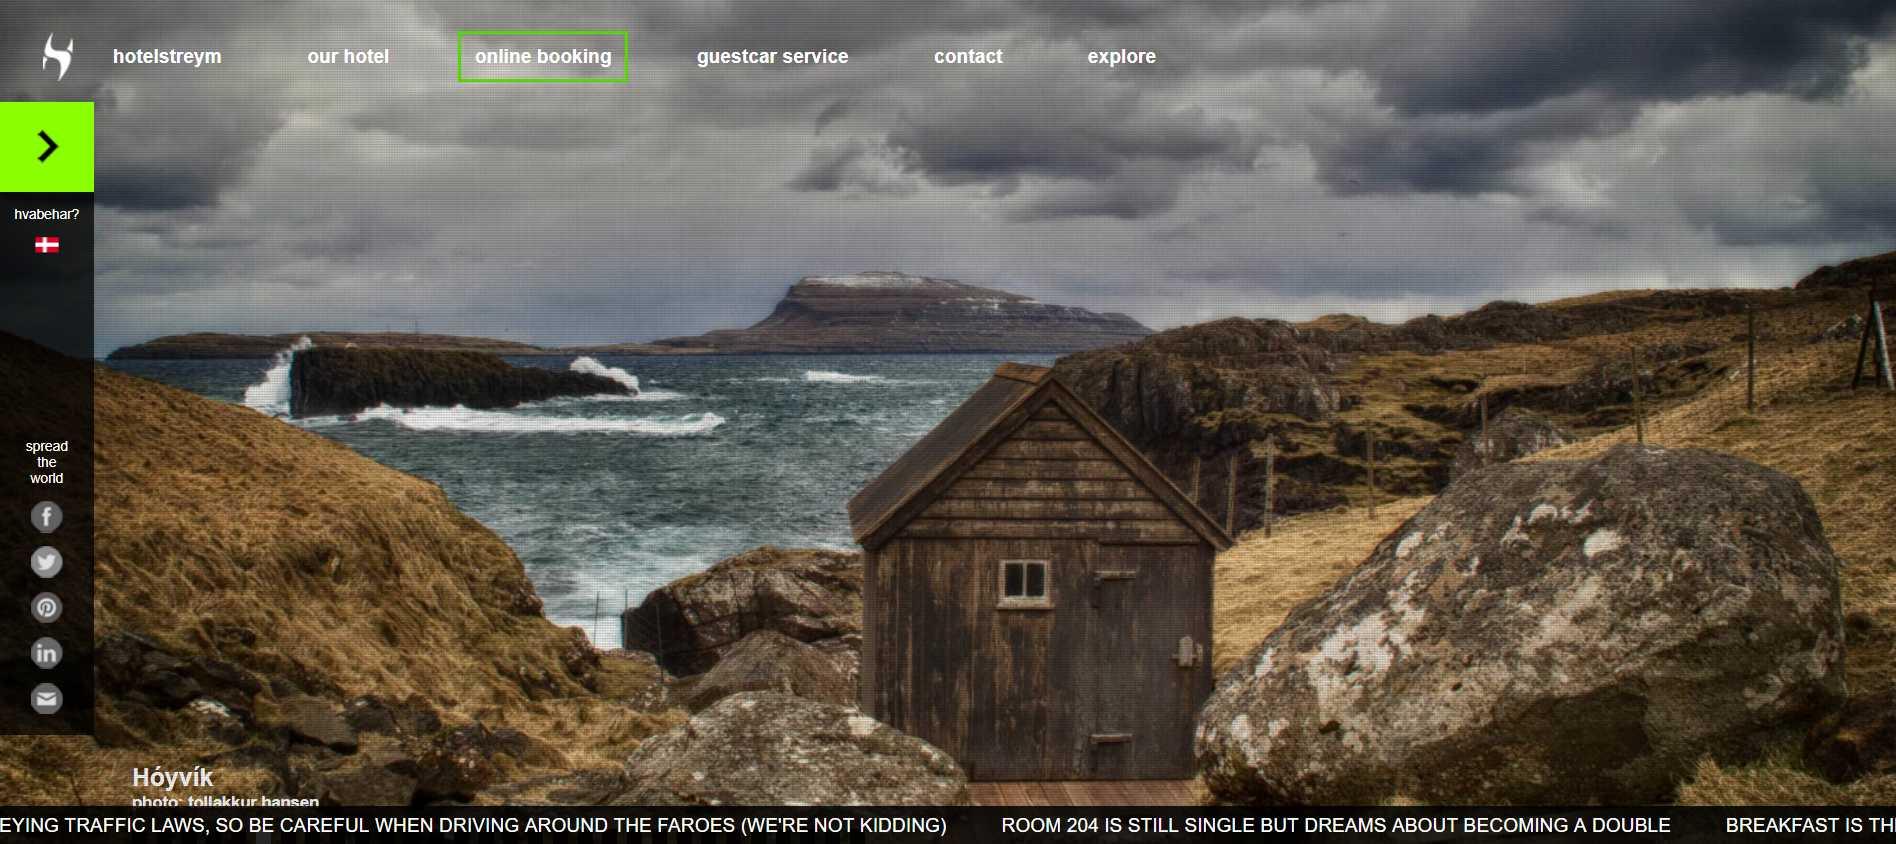 Hotel Streym, Faroe Islands